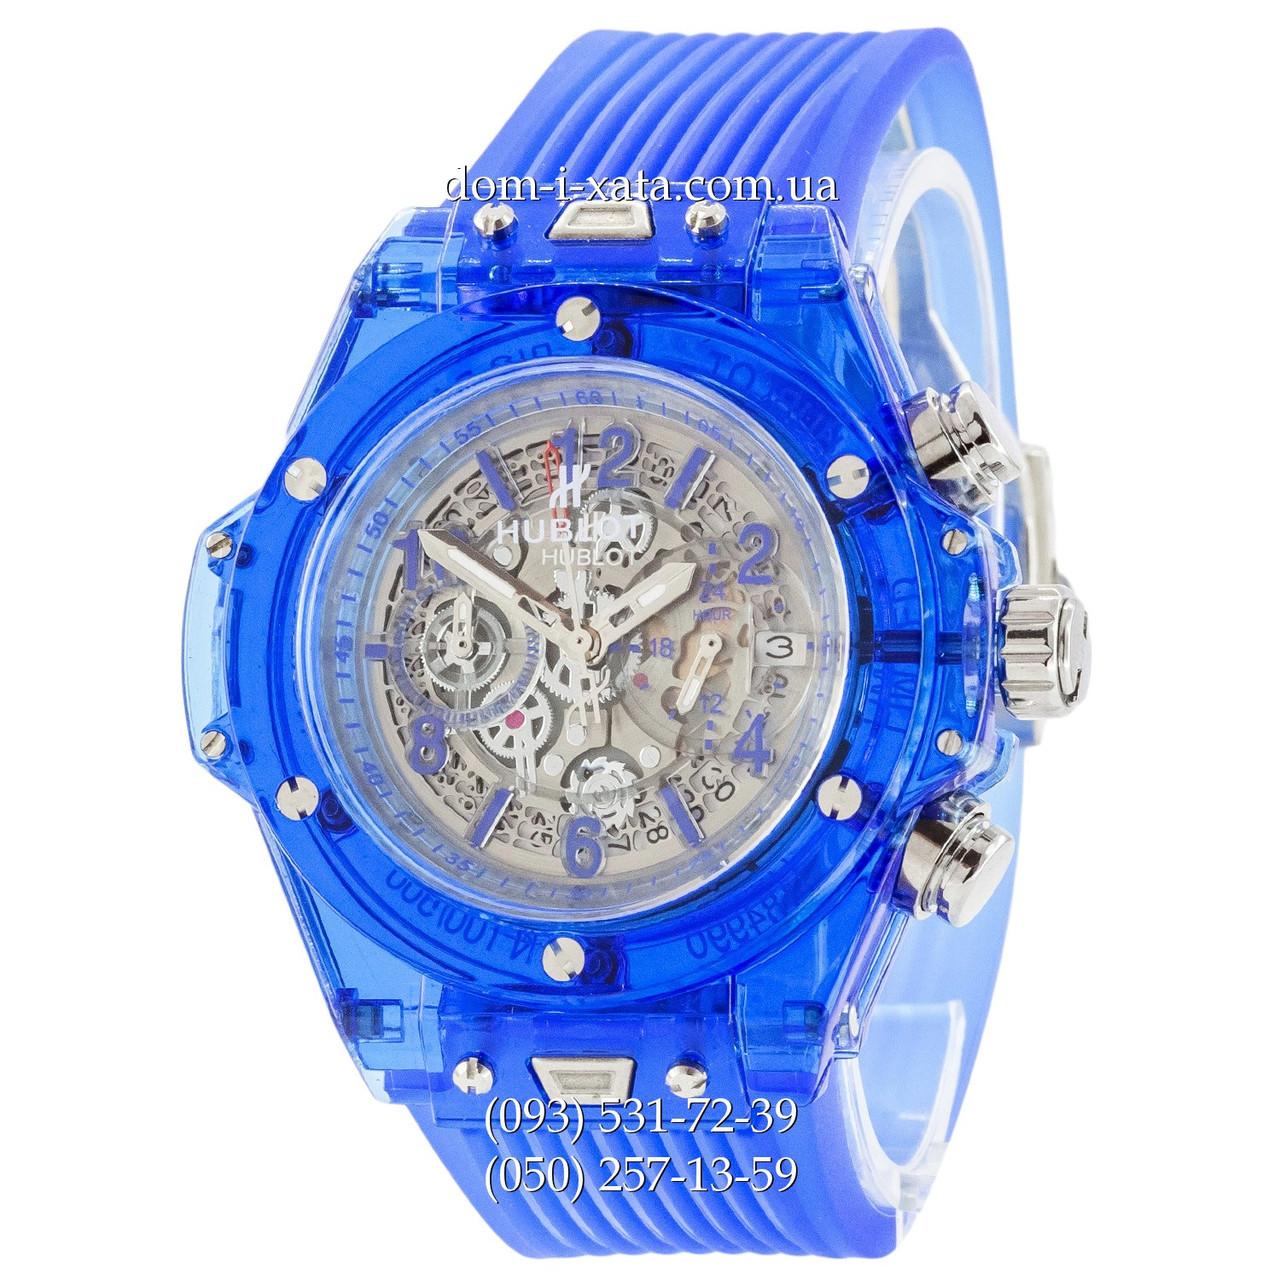 Мужские наручные часы Hublot Big Bang Quartz Unico Sapphire Blue, кварцевые часы с хронографом Хублот, реплика отличное качество!